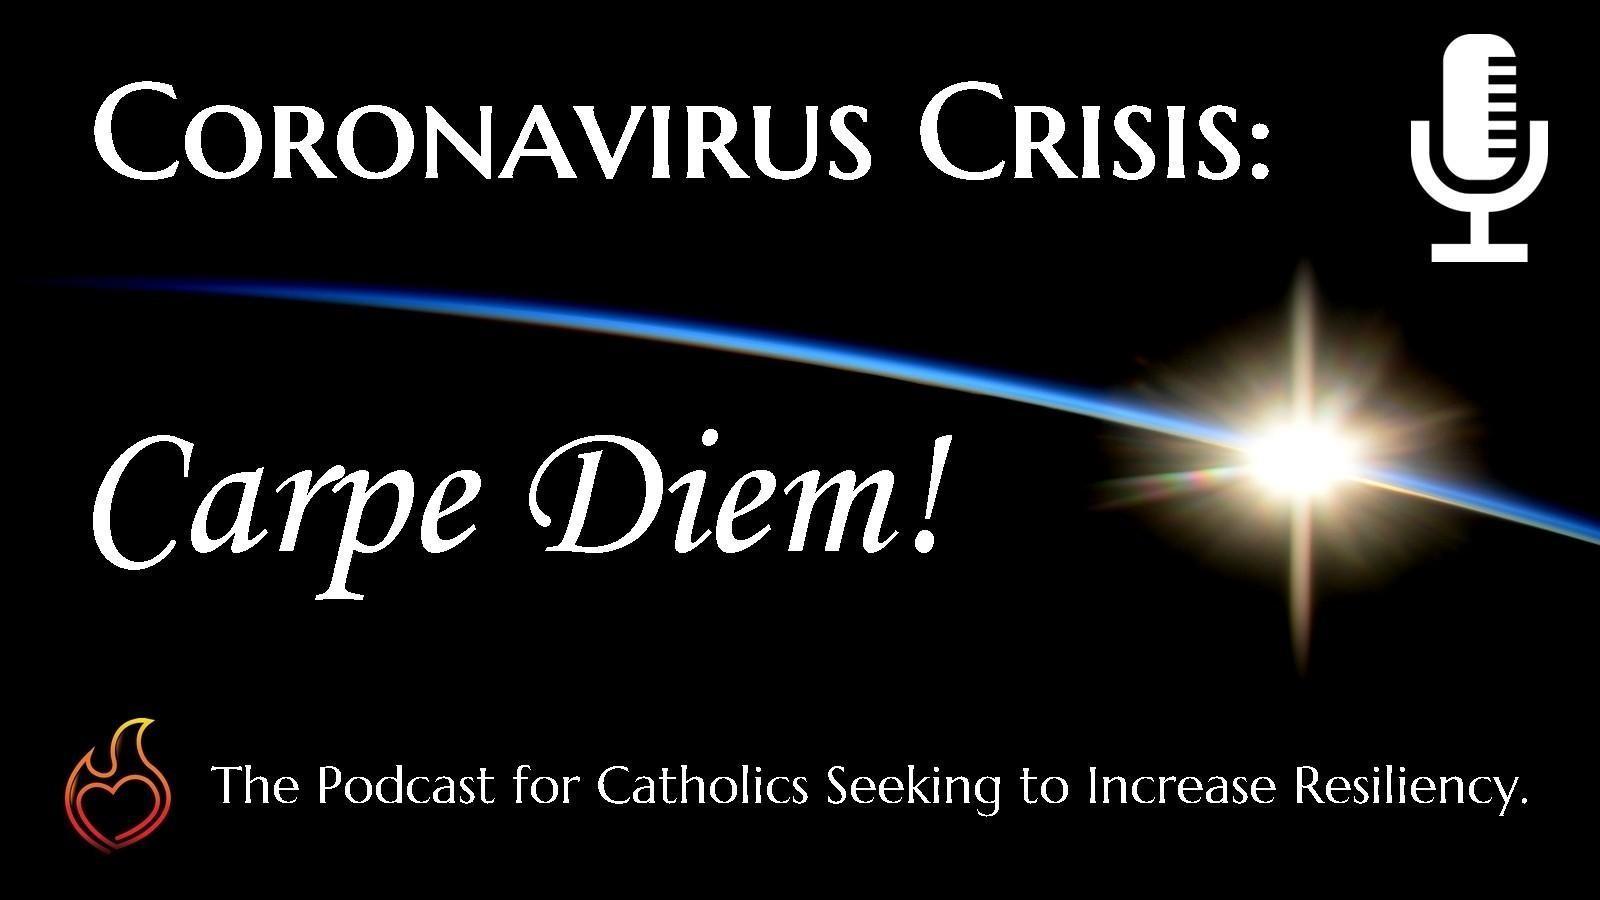 Coronavirus Crisis: Carpe Diem logo